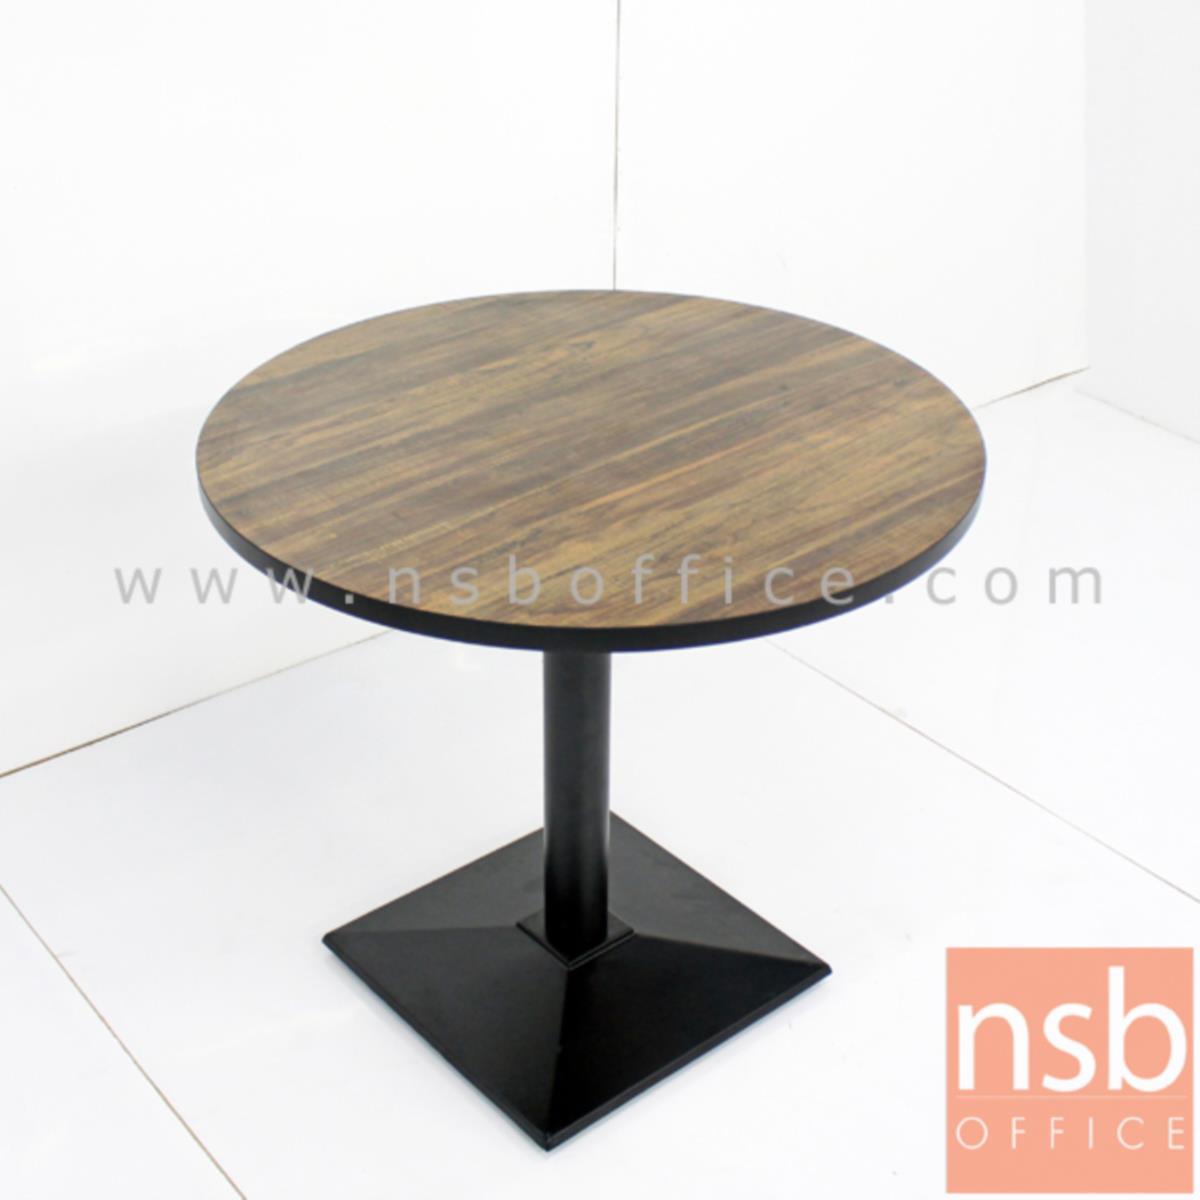 โต๊ะบาร์ COFFEE รุ่น Lagerlof (ลอเกร์เลิฟ) ขนาด 60W ,70W ,80W ,60Di ,70Di ,80Di cm.   ขาเหล็กฐานพีระมิดสีดำ